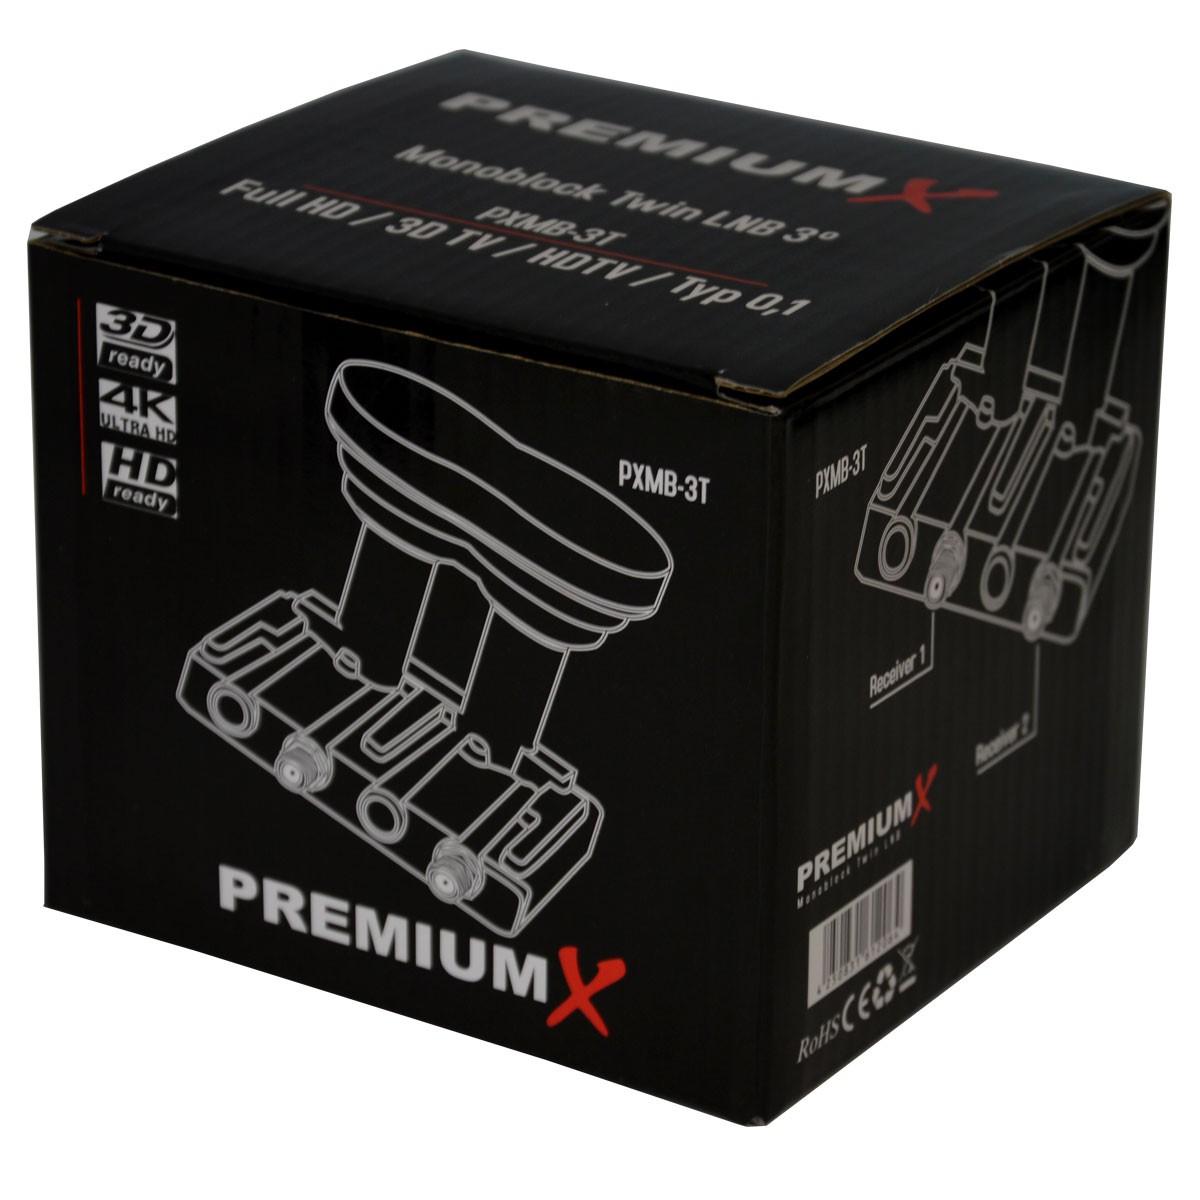 PremiumX Twin Monoblock LNB 3° PXMB-3T für 2 Teilnehmer UHD 4K